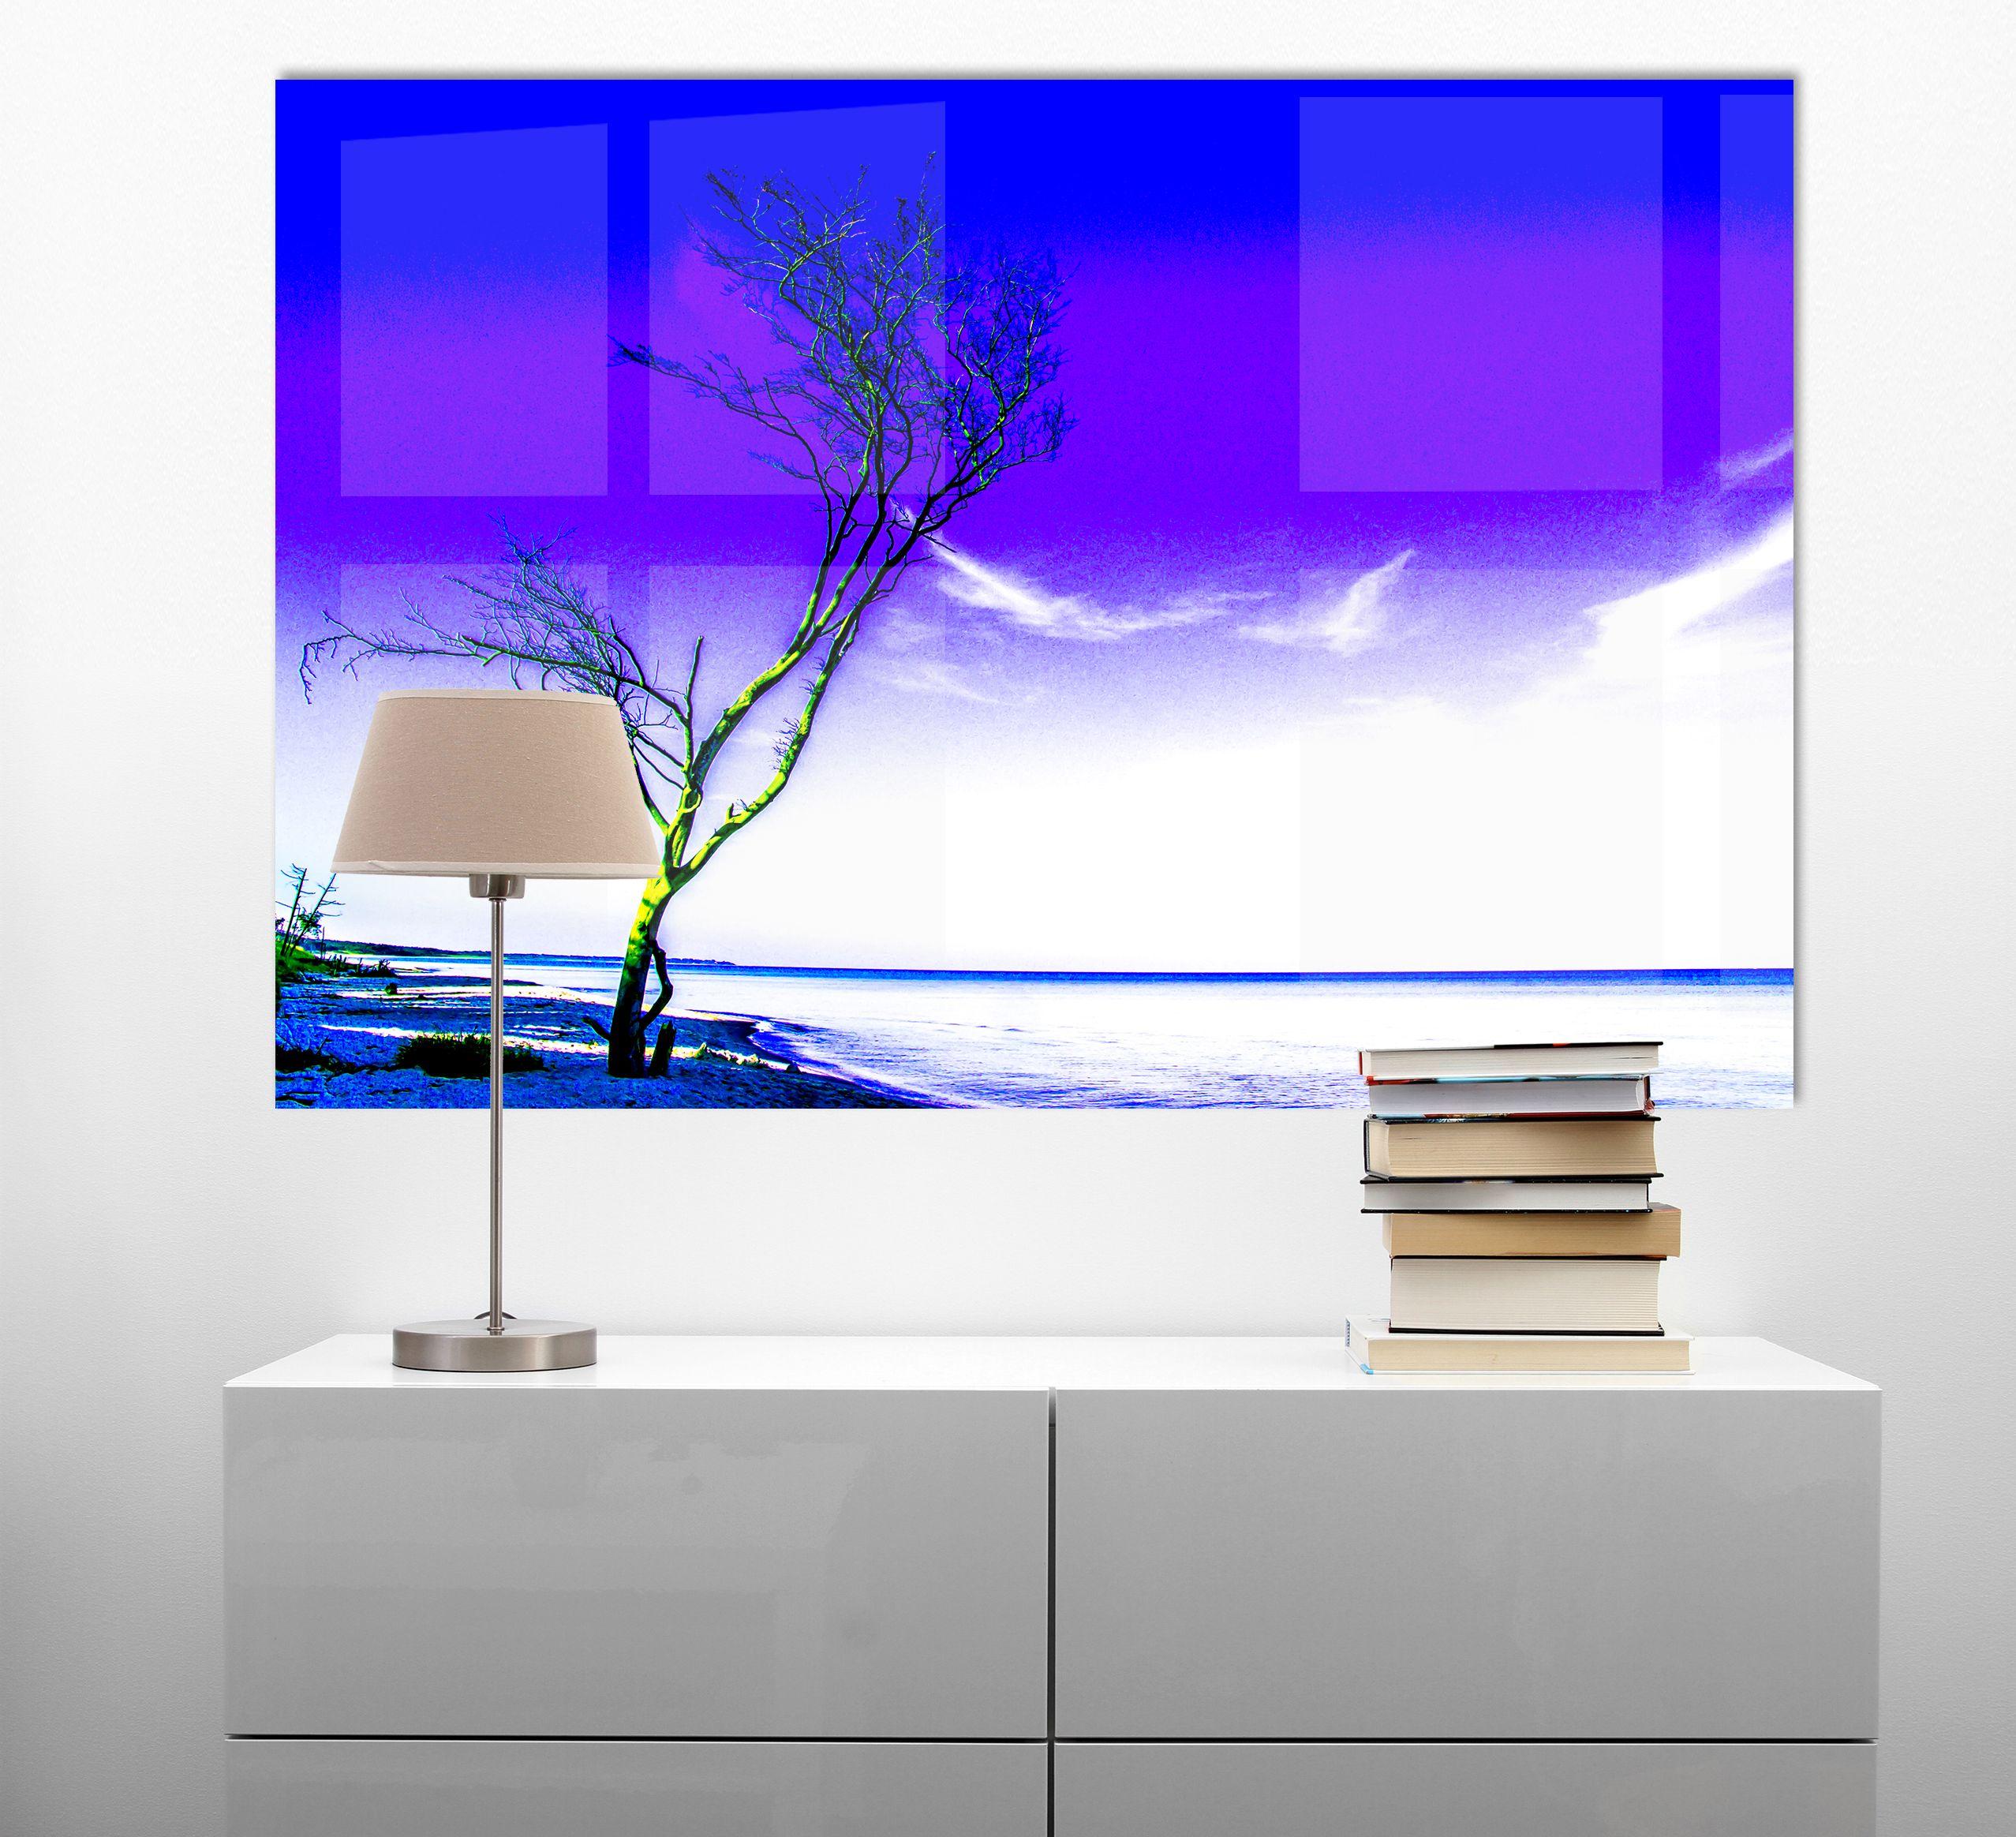 Modern, unfassbar real und faszinierend: Acrylglasbilder der Extraklasse!  Begeistern Sie sich für die beeindruckenden Farbexplosionen und lassen Sie unsere exklusiven Motive im schönsten Schein erstrahlen!  Entdecken SIe jetzt die Torsten-Reuter-Edition bei cuadros lifestyle!